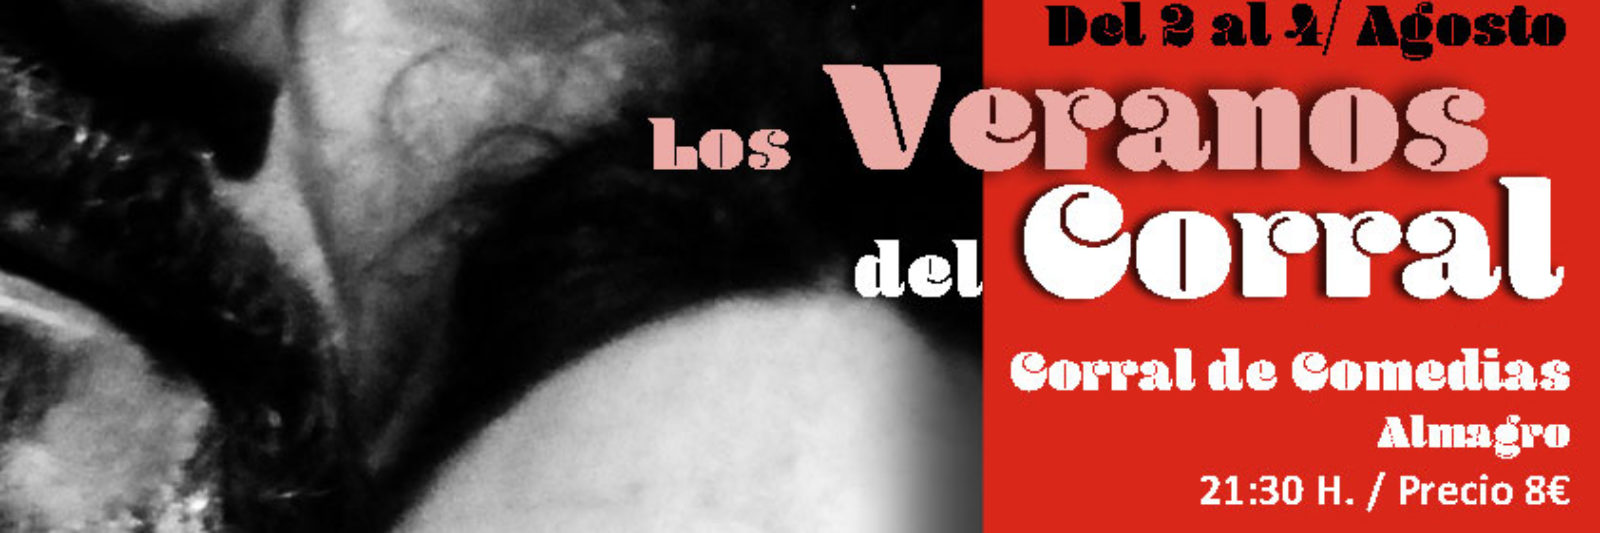 Cartel Festival Los Veranos del Corral